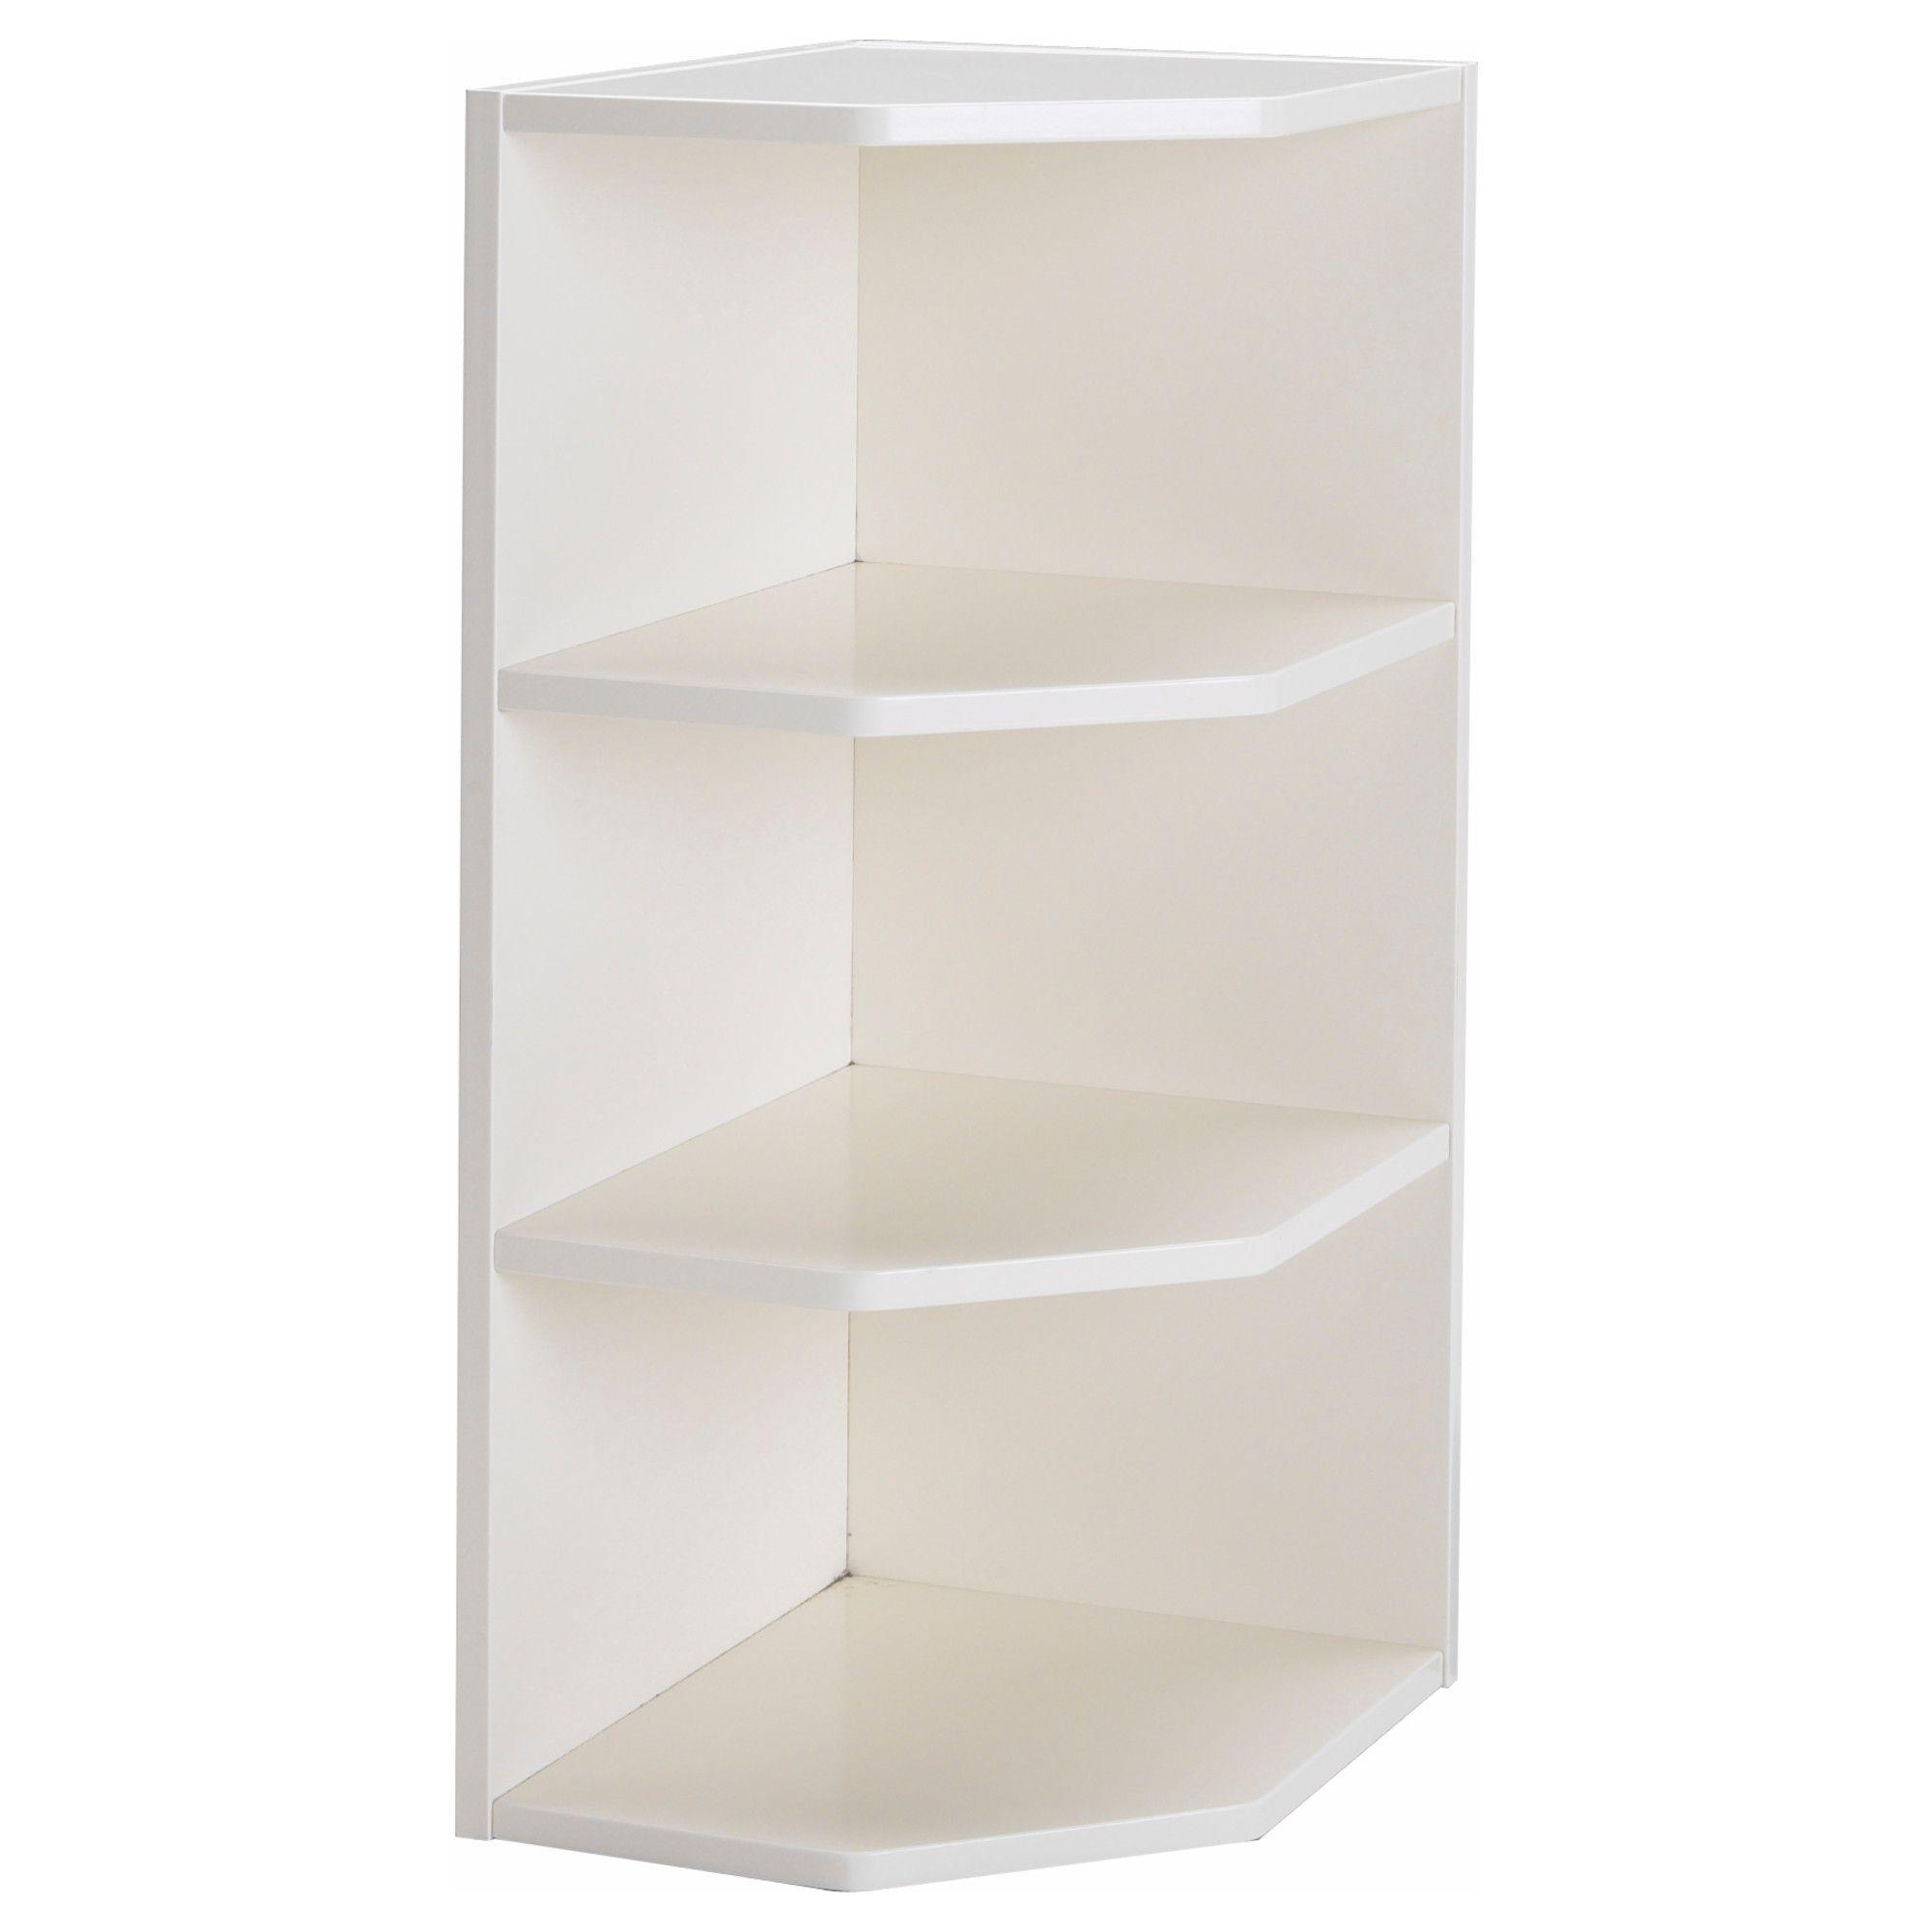 Perfekt Wall Cabinet End Unit 30x70 Cm Ikea Little